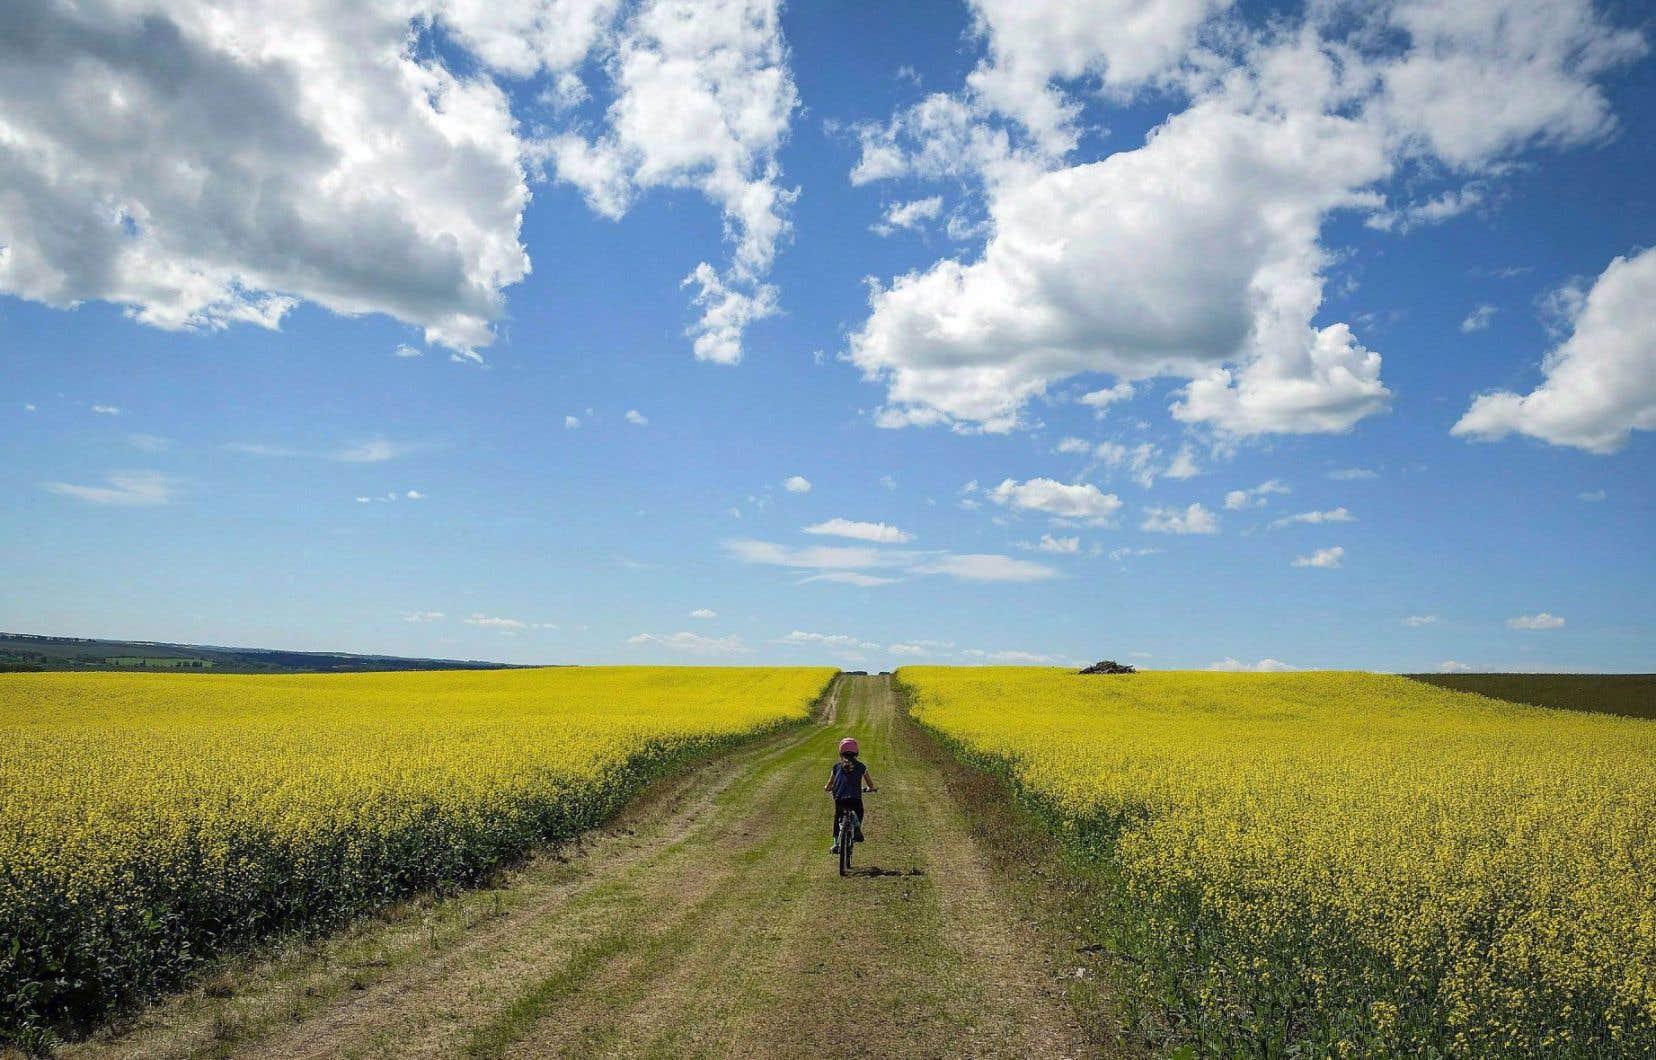 Le plan canadien visant à atteindre 80% de réduction de GES en 2050 devrait être dévoilé sous peu.